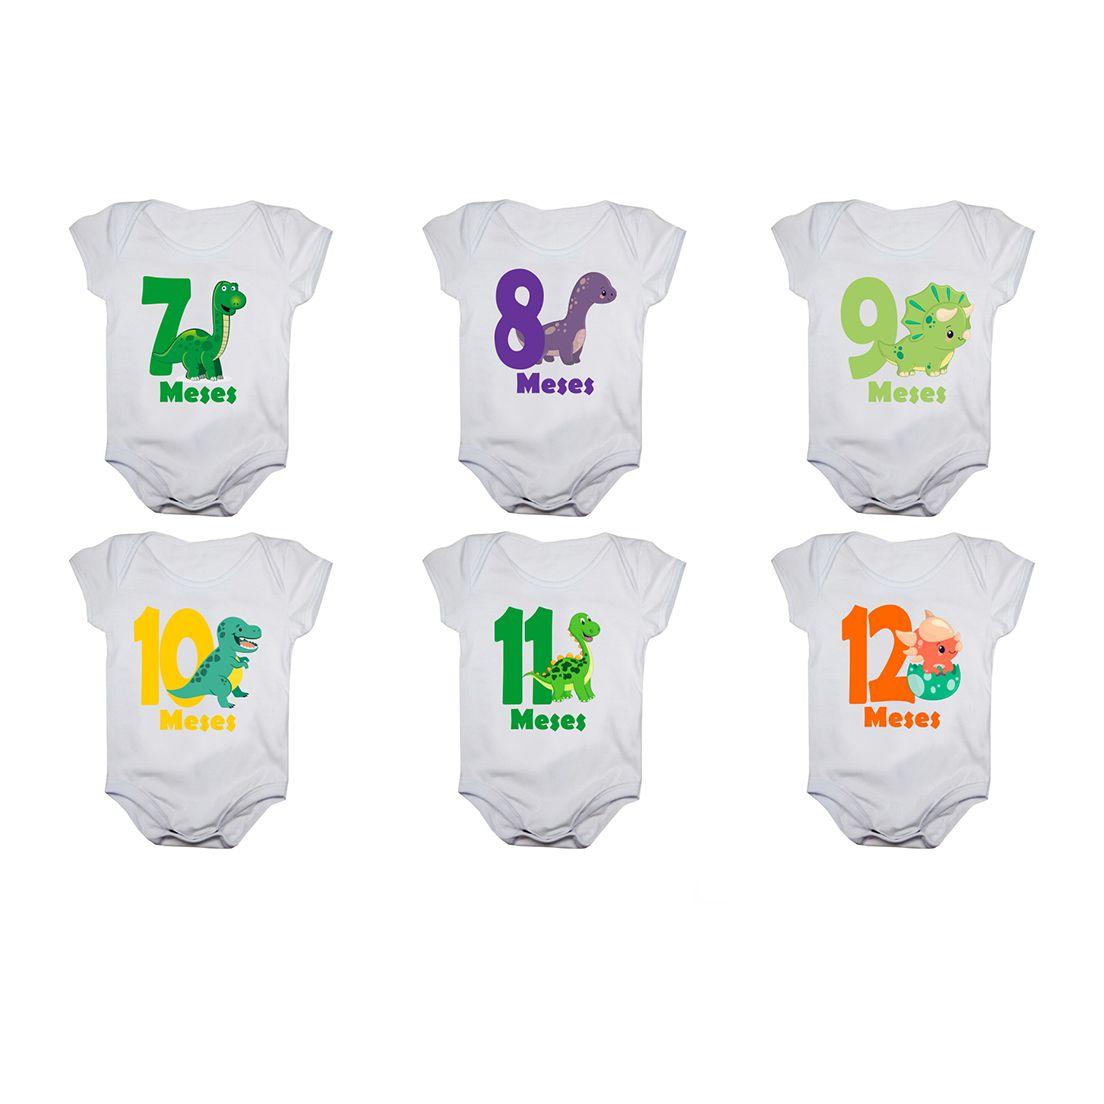 Kit body bebê mesversario manga curta estampa dinossauros 12 bodies 1 a 12 meses